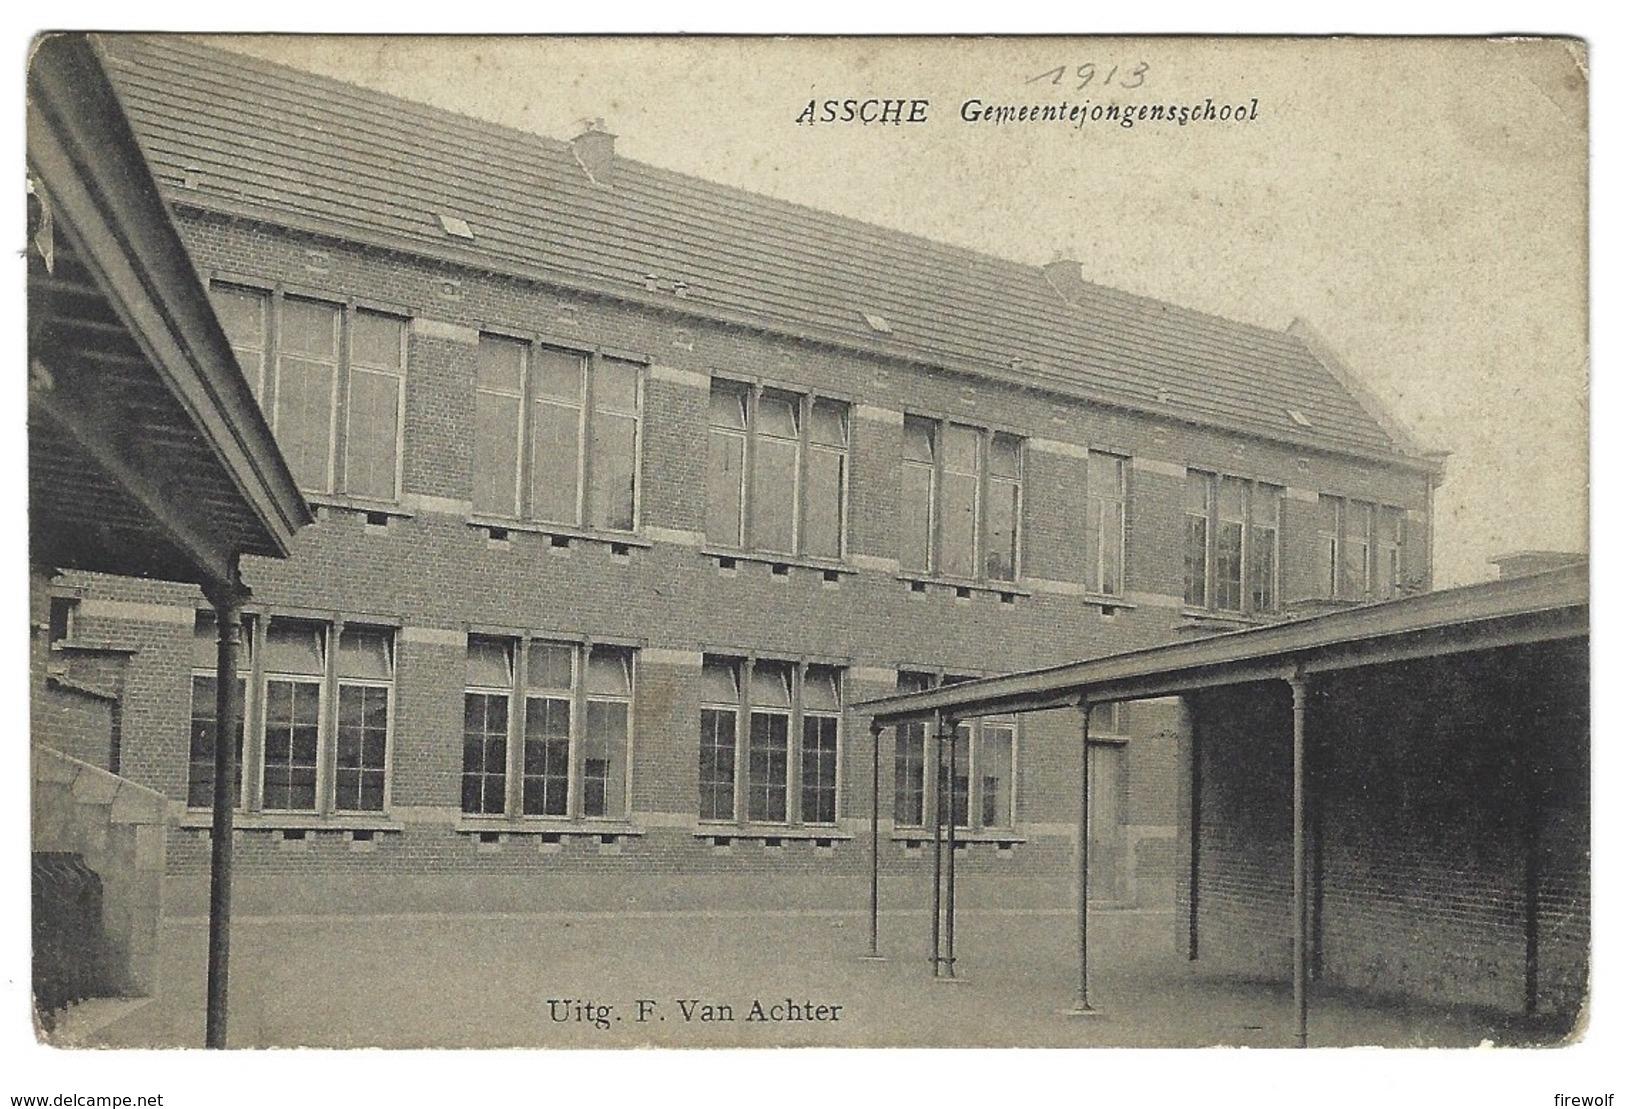 X02 - Assche - Gemeentejongensschool - Asse